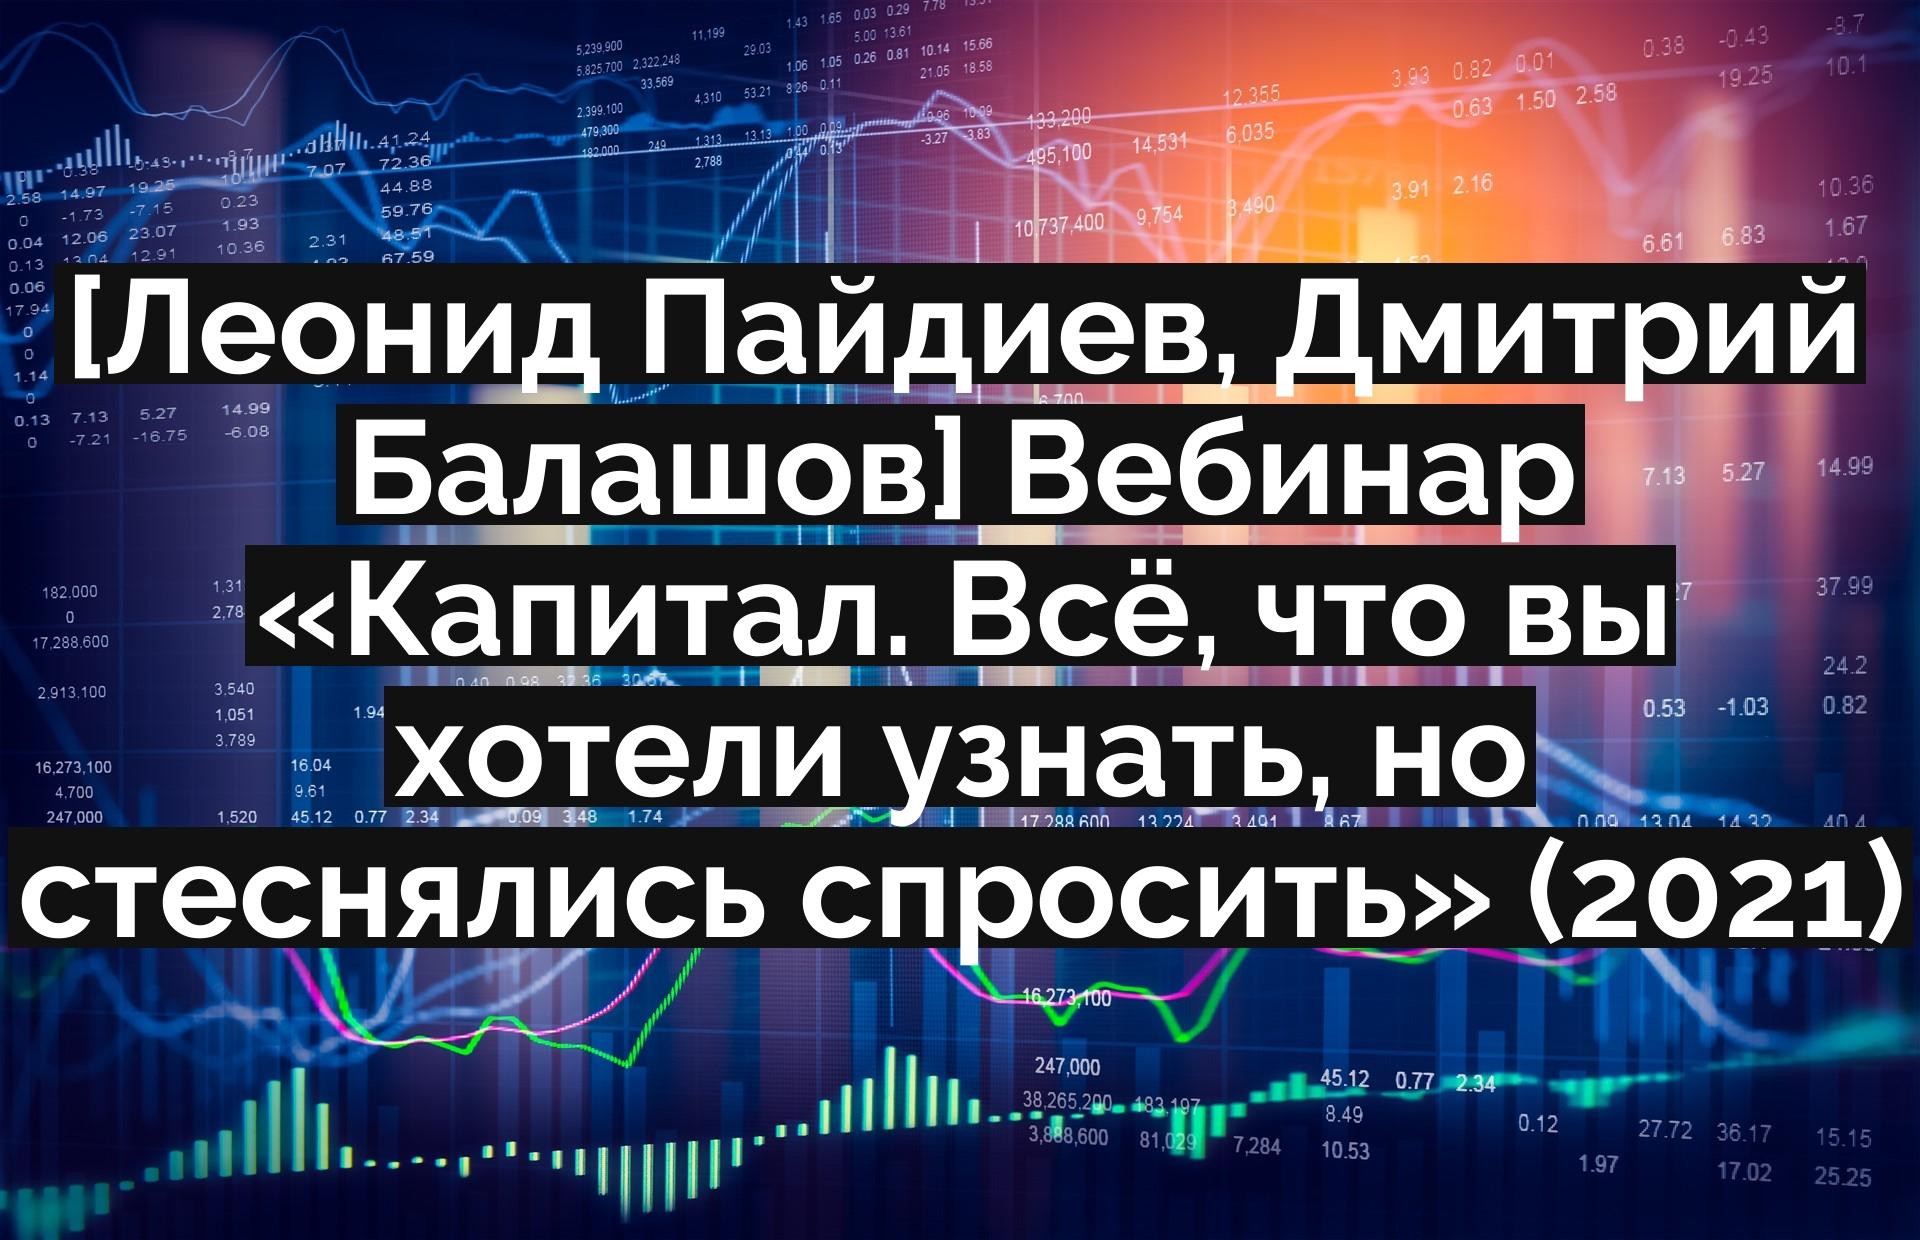 [Леонид Пайдиев, Дмитрий Балашов] Вебинар «Капитал. Всё, что вы хотели узнать, но стеснялись спросить» (2021)